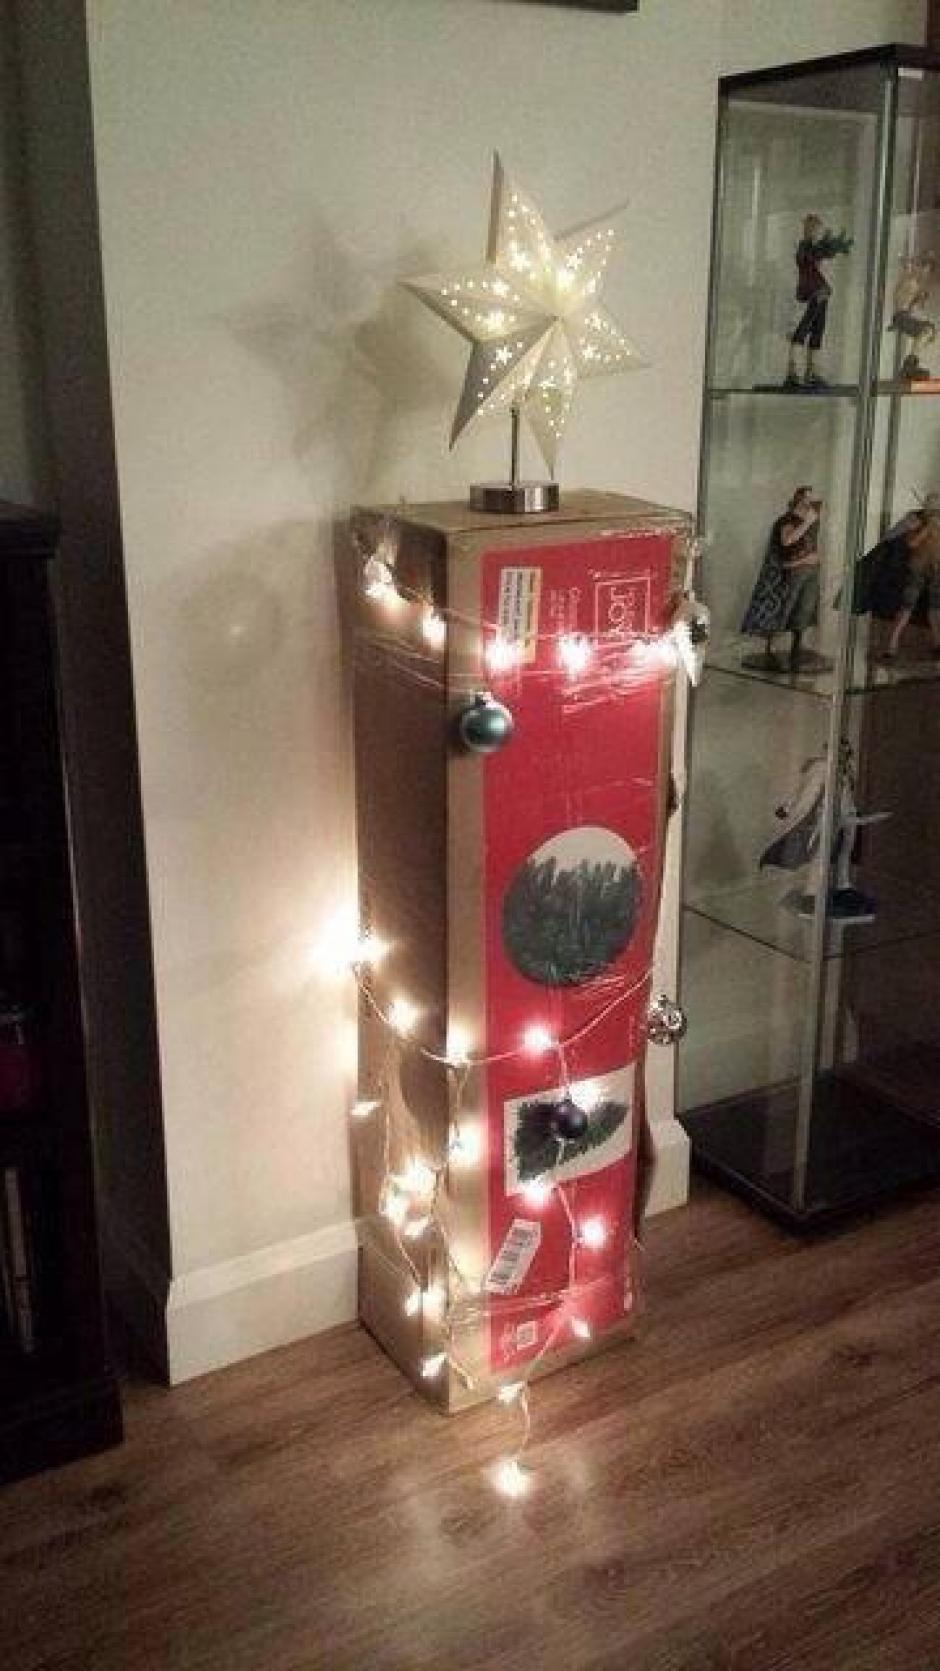 Esta puede ser una solución práctica, aunque poco estética, para evitar tener que desarmar el árbol navideño. (Foto: peru.com)